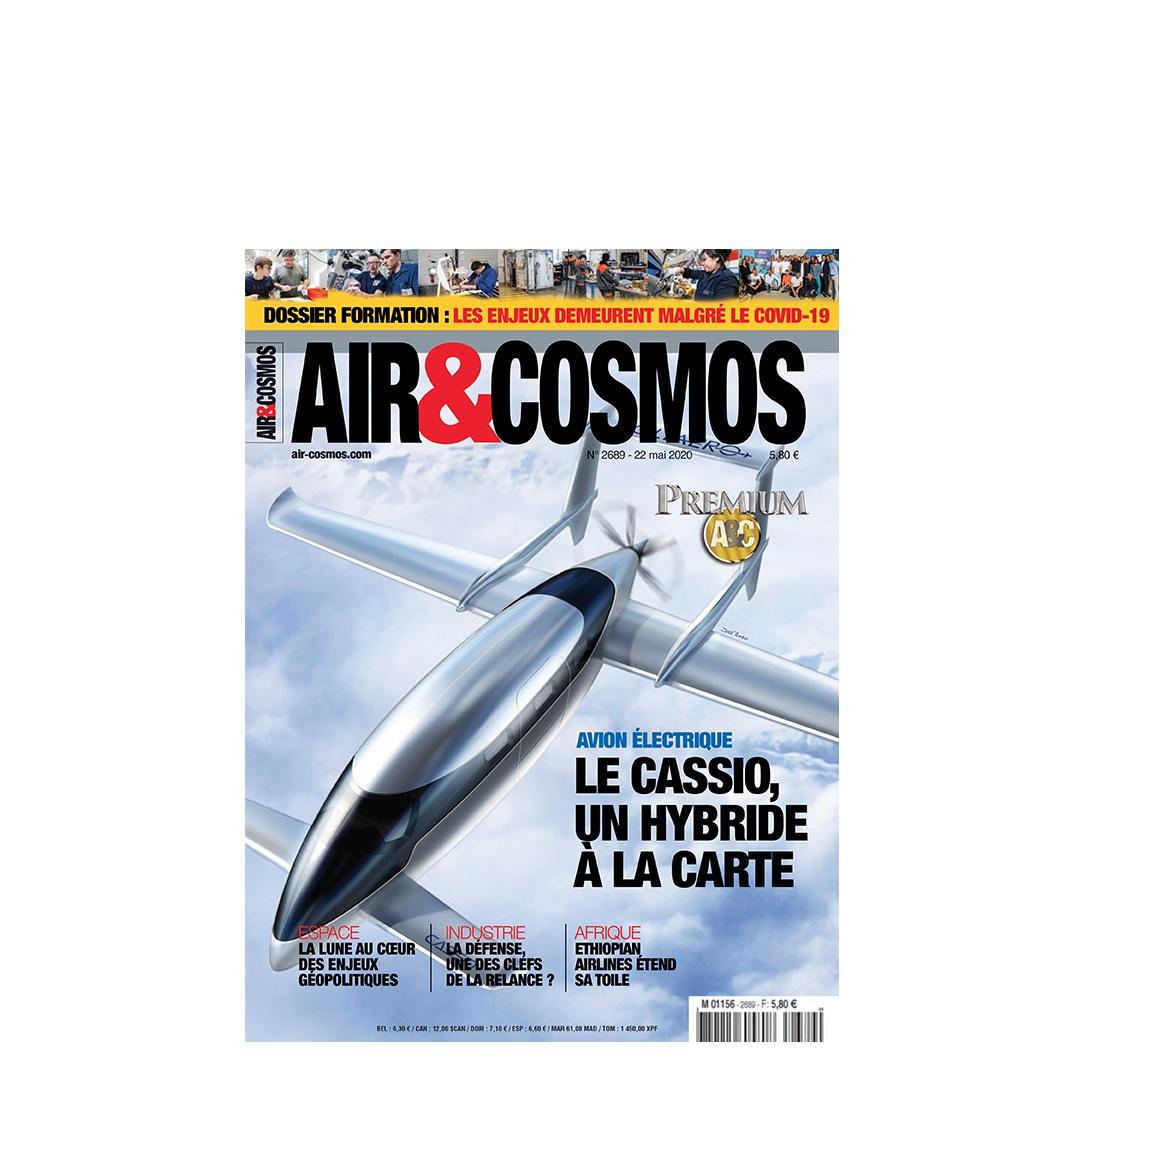 Emploi et formation dans la production, l'avion Cassio de VoltAéro, le satellitier, cette semaine dans Air et Cosmos